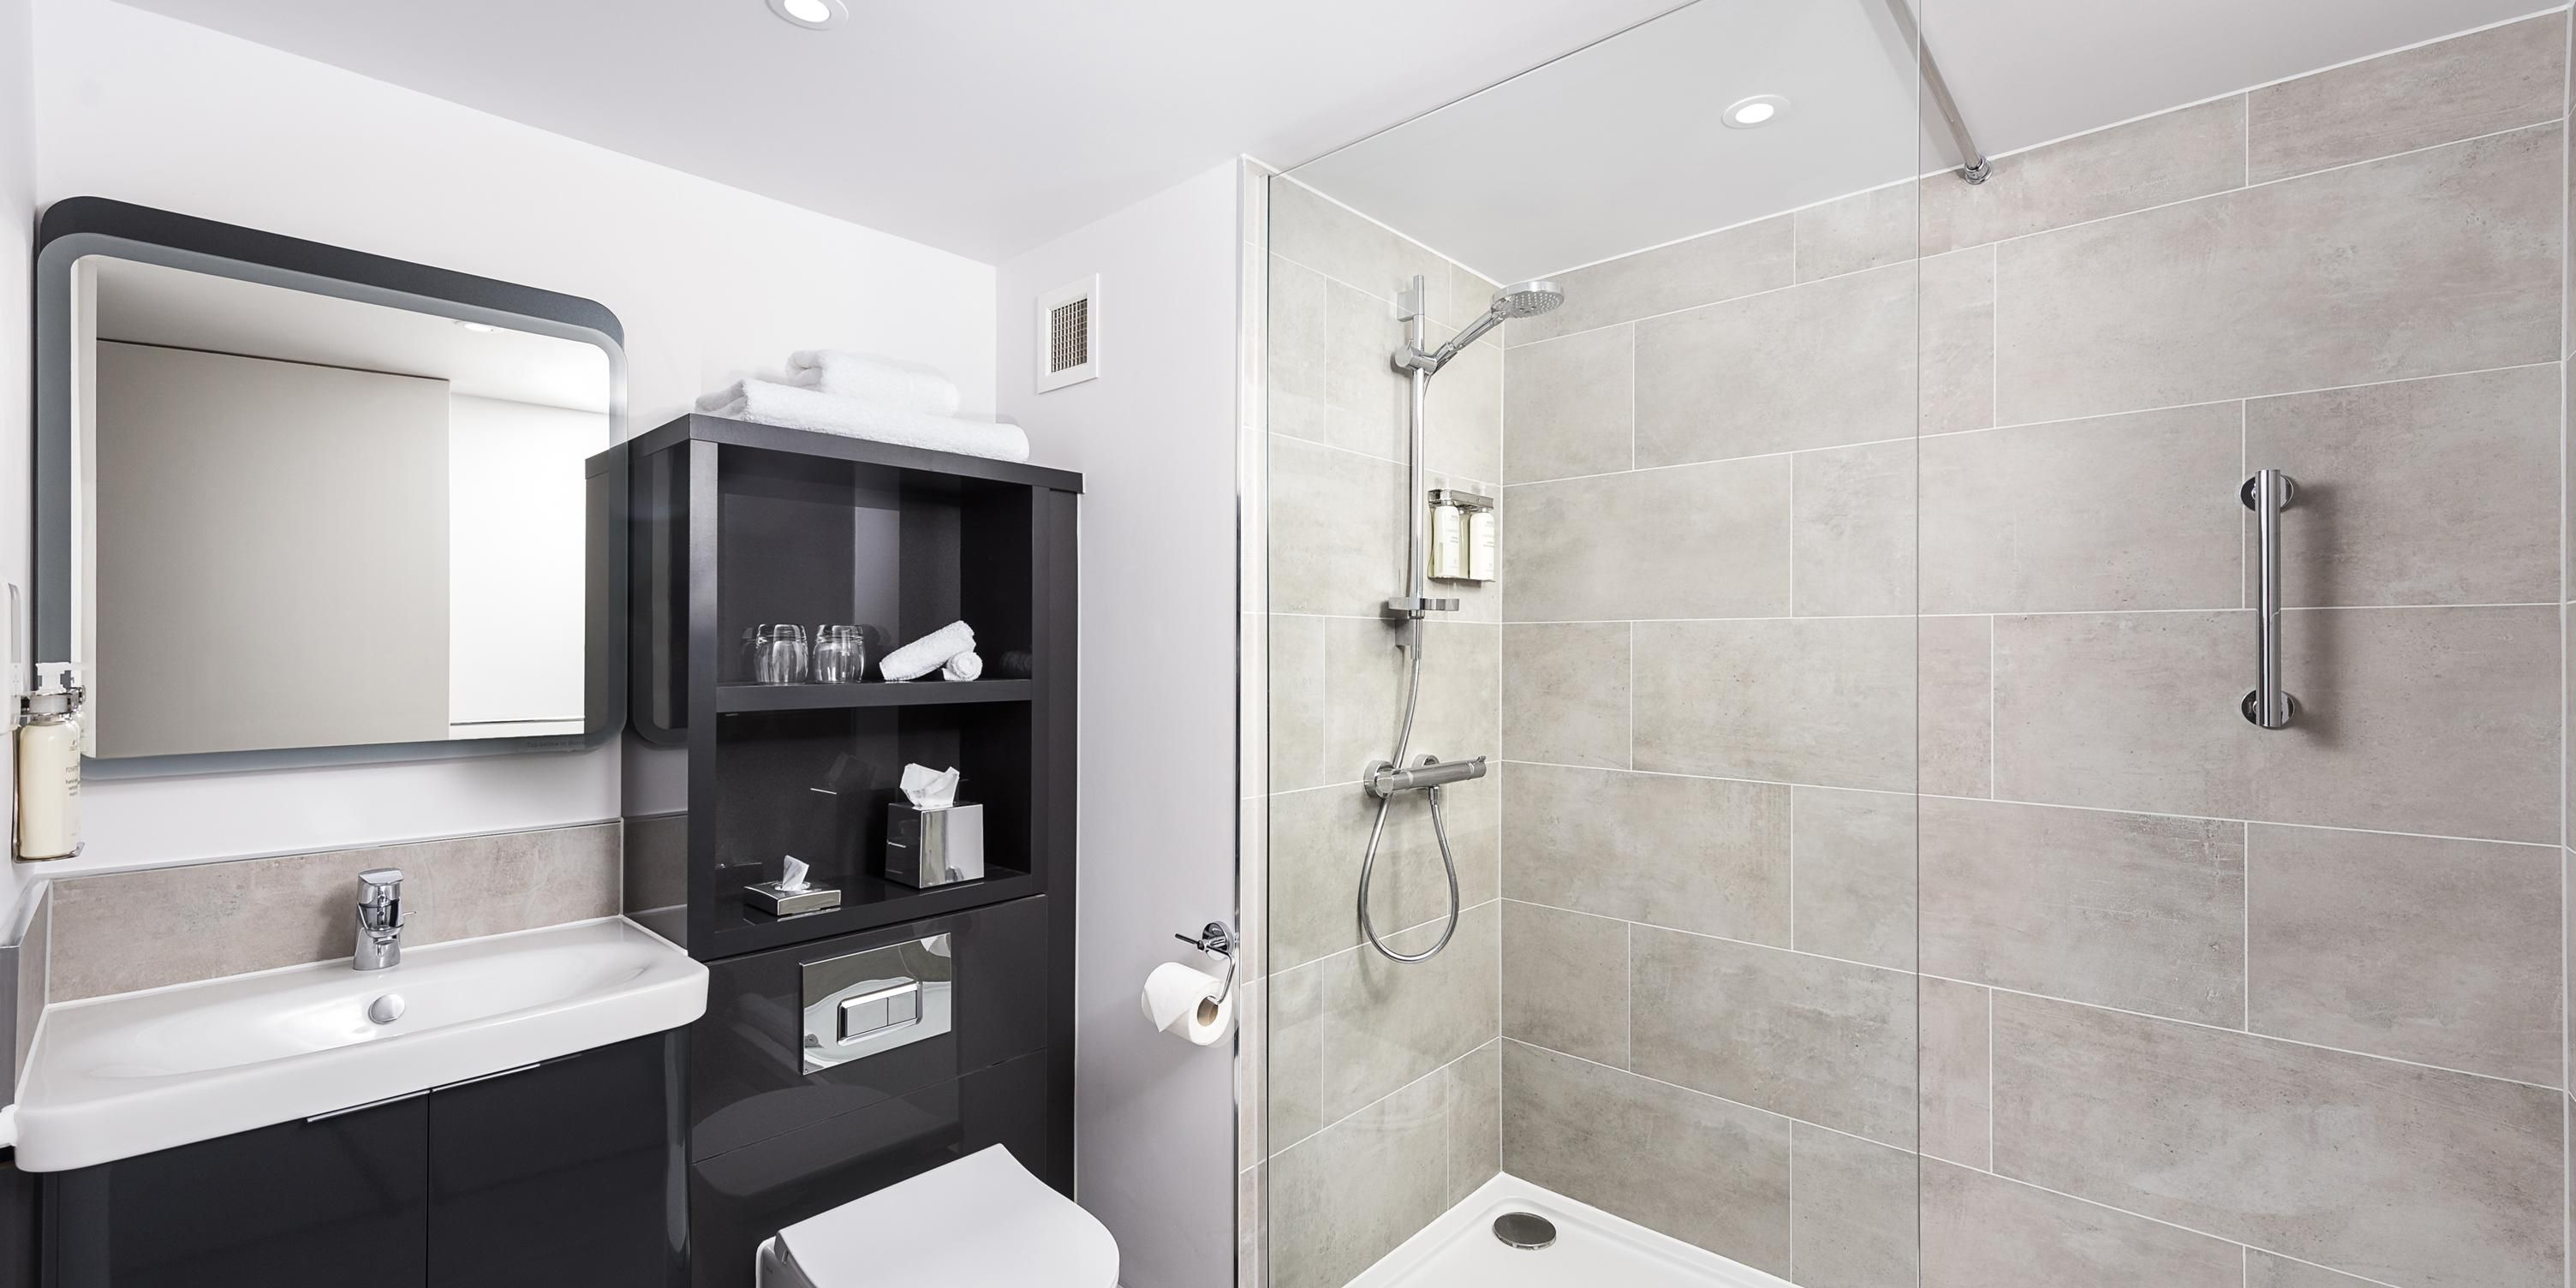 ห้องน้ำสำหรับแขก